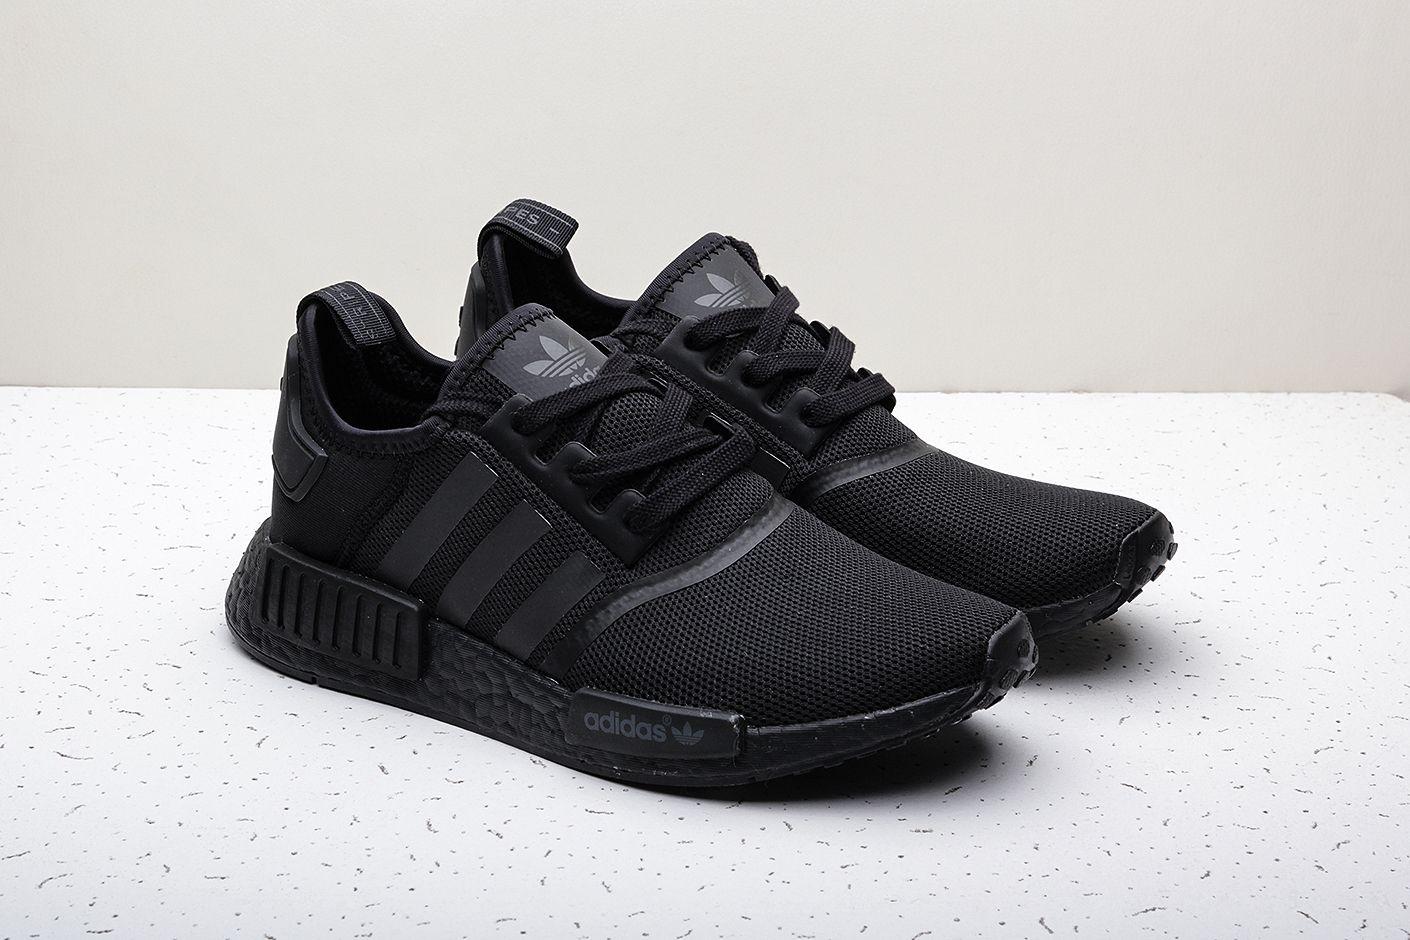 7a57af05 Купить черные мужские кроссовки NMD R1 от adidas Originals (S31508 ...